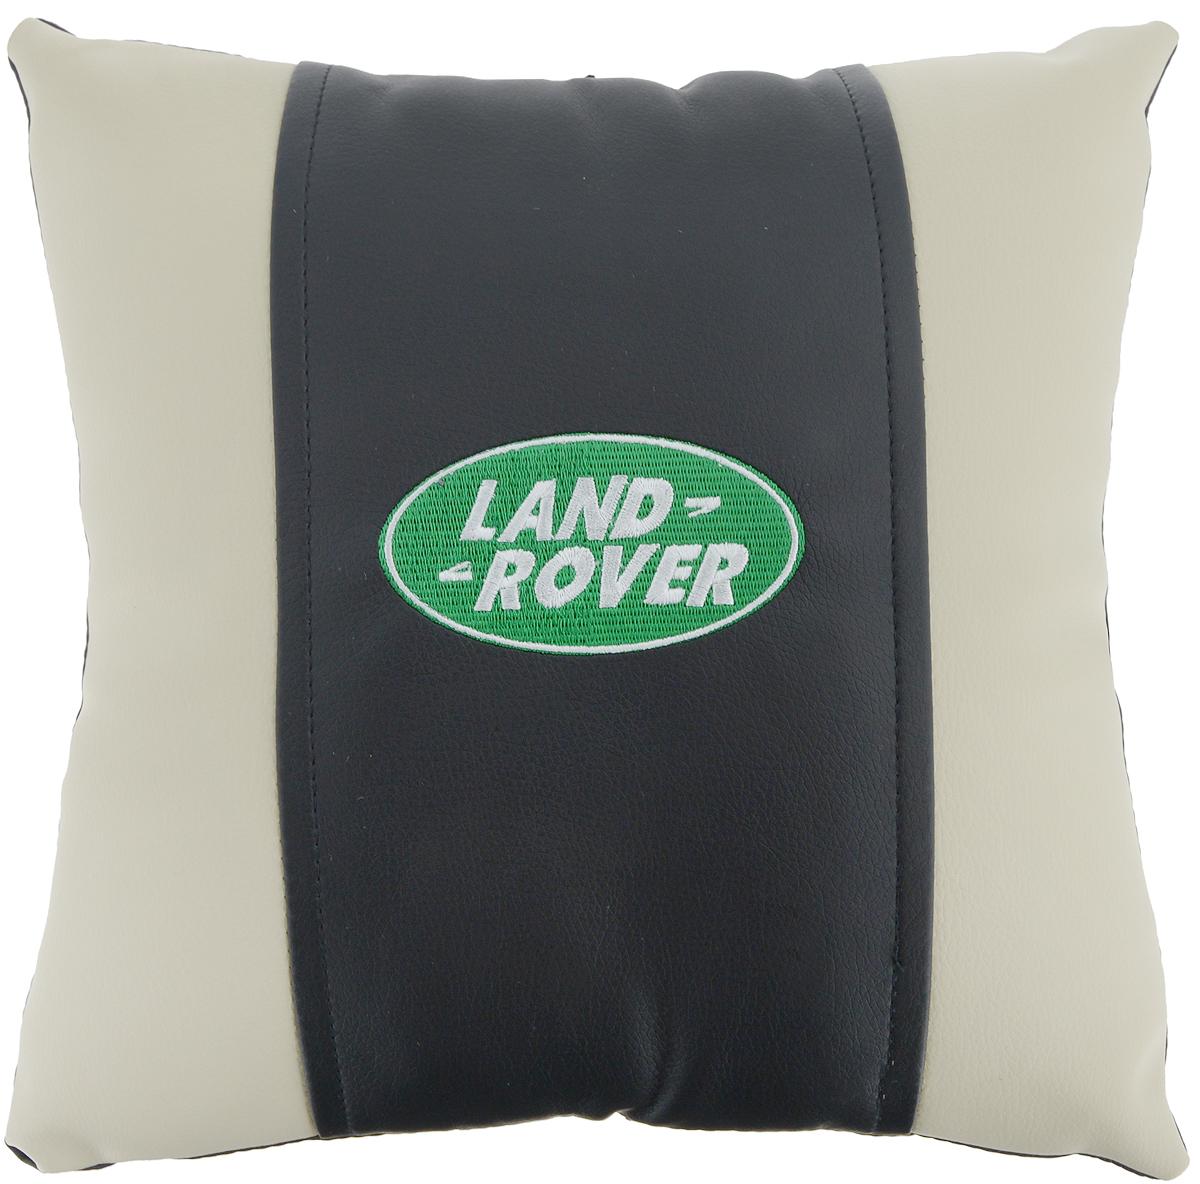 Подушка на сиденье Autoparts Land Rover, 30 х 30 см98298130Подушка на сиденье Autoparts Land Rover создана для тех, кто весь свой день вынужден проводить за рулем. Чехол выполнен из высококачественной дышащей экокожи. Наполнителем служит холлофайбер. На задней части подушки имеется змейка.Особенности подушки:- Хорошо проветривается.- Предупреждает потение.- Поддерживает комфортную температуру.- Обминается по форме тела.- Улучшает кровообращение.- Исключает затечные явления.- Предупреждает развитие заболеваний, связанных с сидячим образом жизни. Подушка также будет полезна и дома - при работе за компьютером, школьникам - при выполнении домашних работ, да и в любимом кресле перед телевизором.